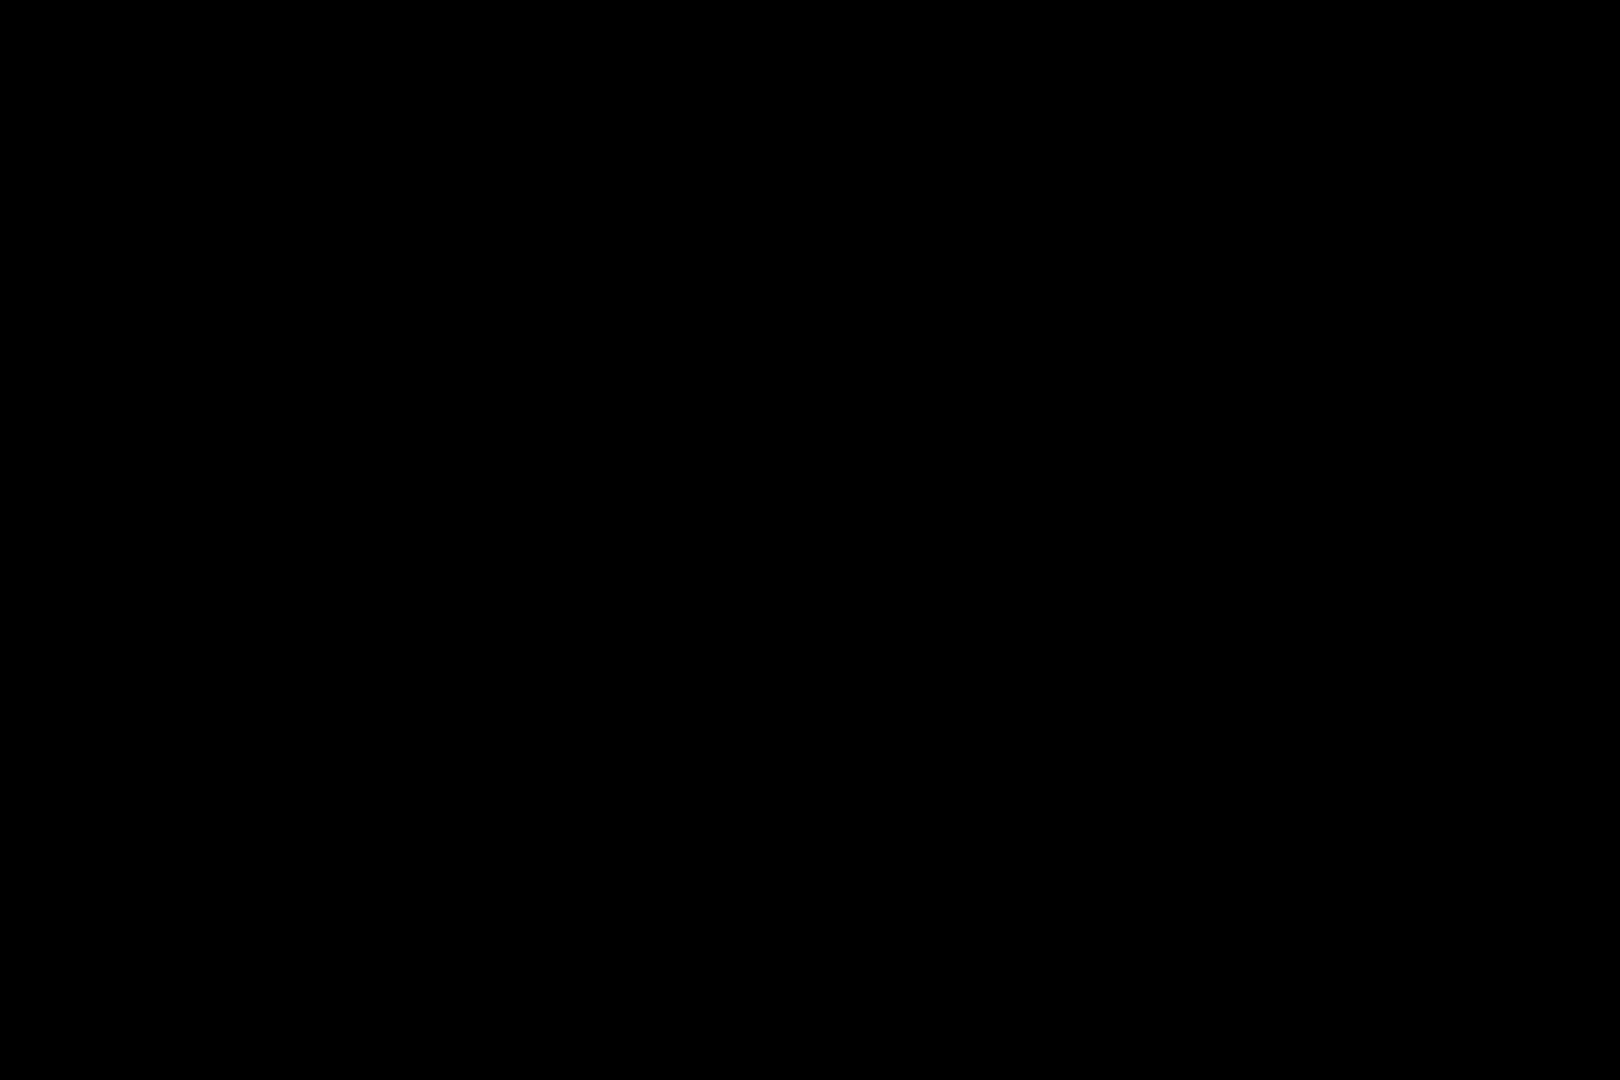 充血監督の深夜の運動会Vol.25 喘ぎ  65pic 53